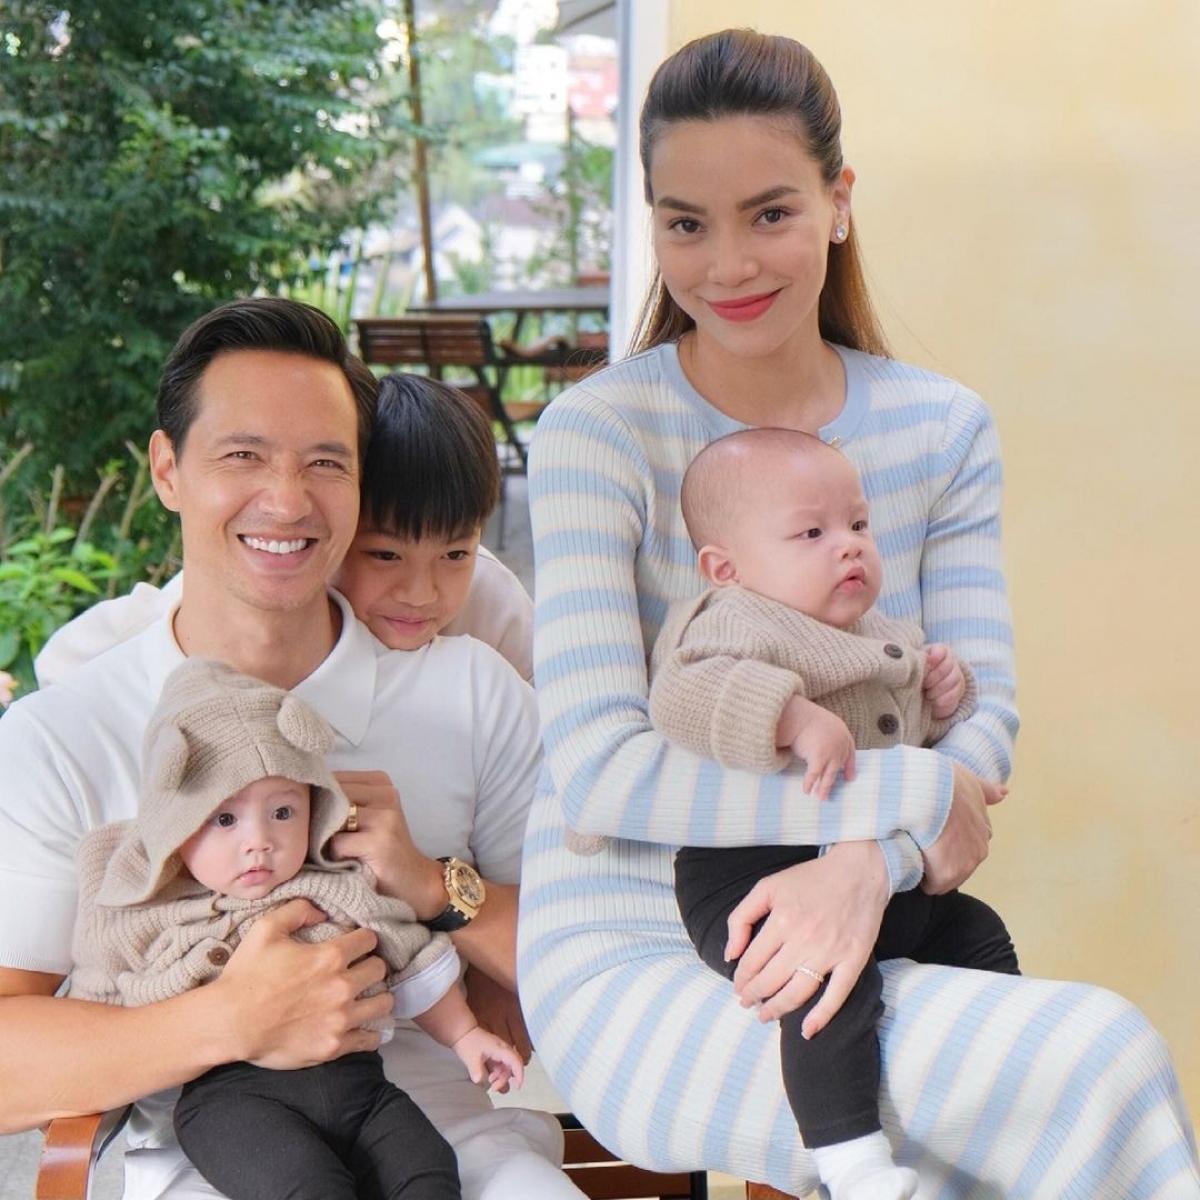 Leon và Lisa được coi là cặp song sinh nổi tiếng nhất Việt Nam bởi cha mẹ quá nổi tiếng: Nữ ca sĩ Hồ Ngọc Hà và diễn viên Kim Lý.